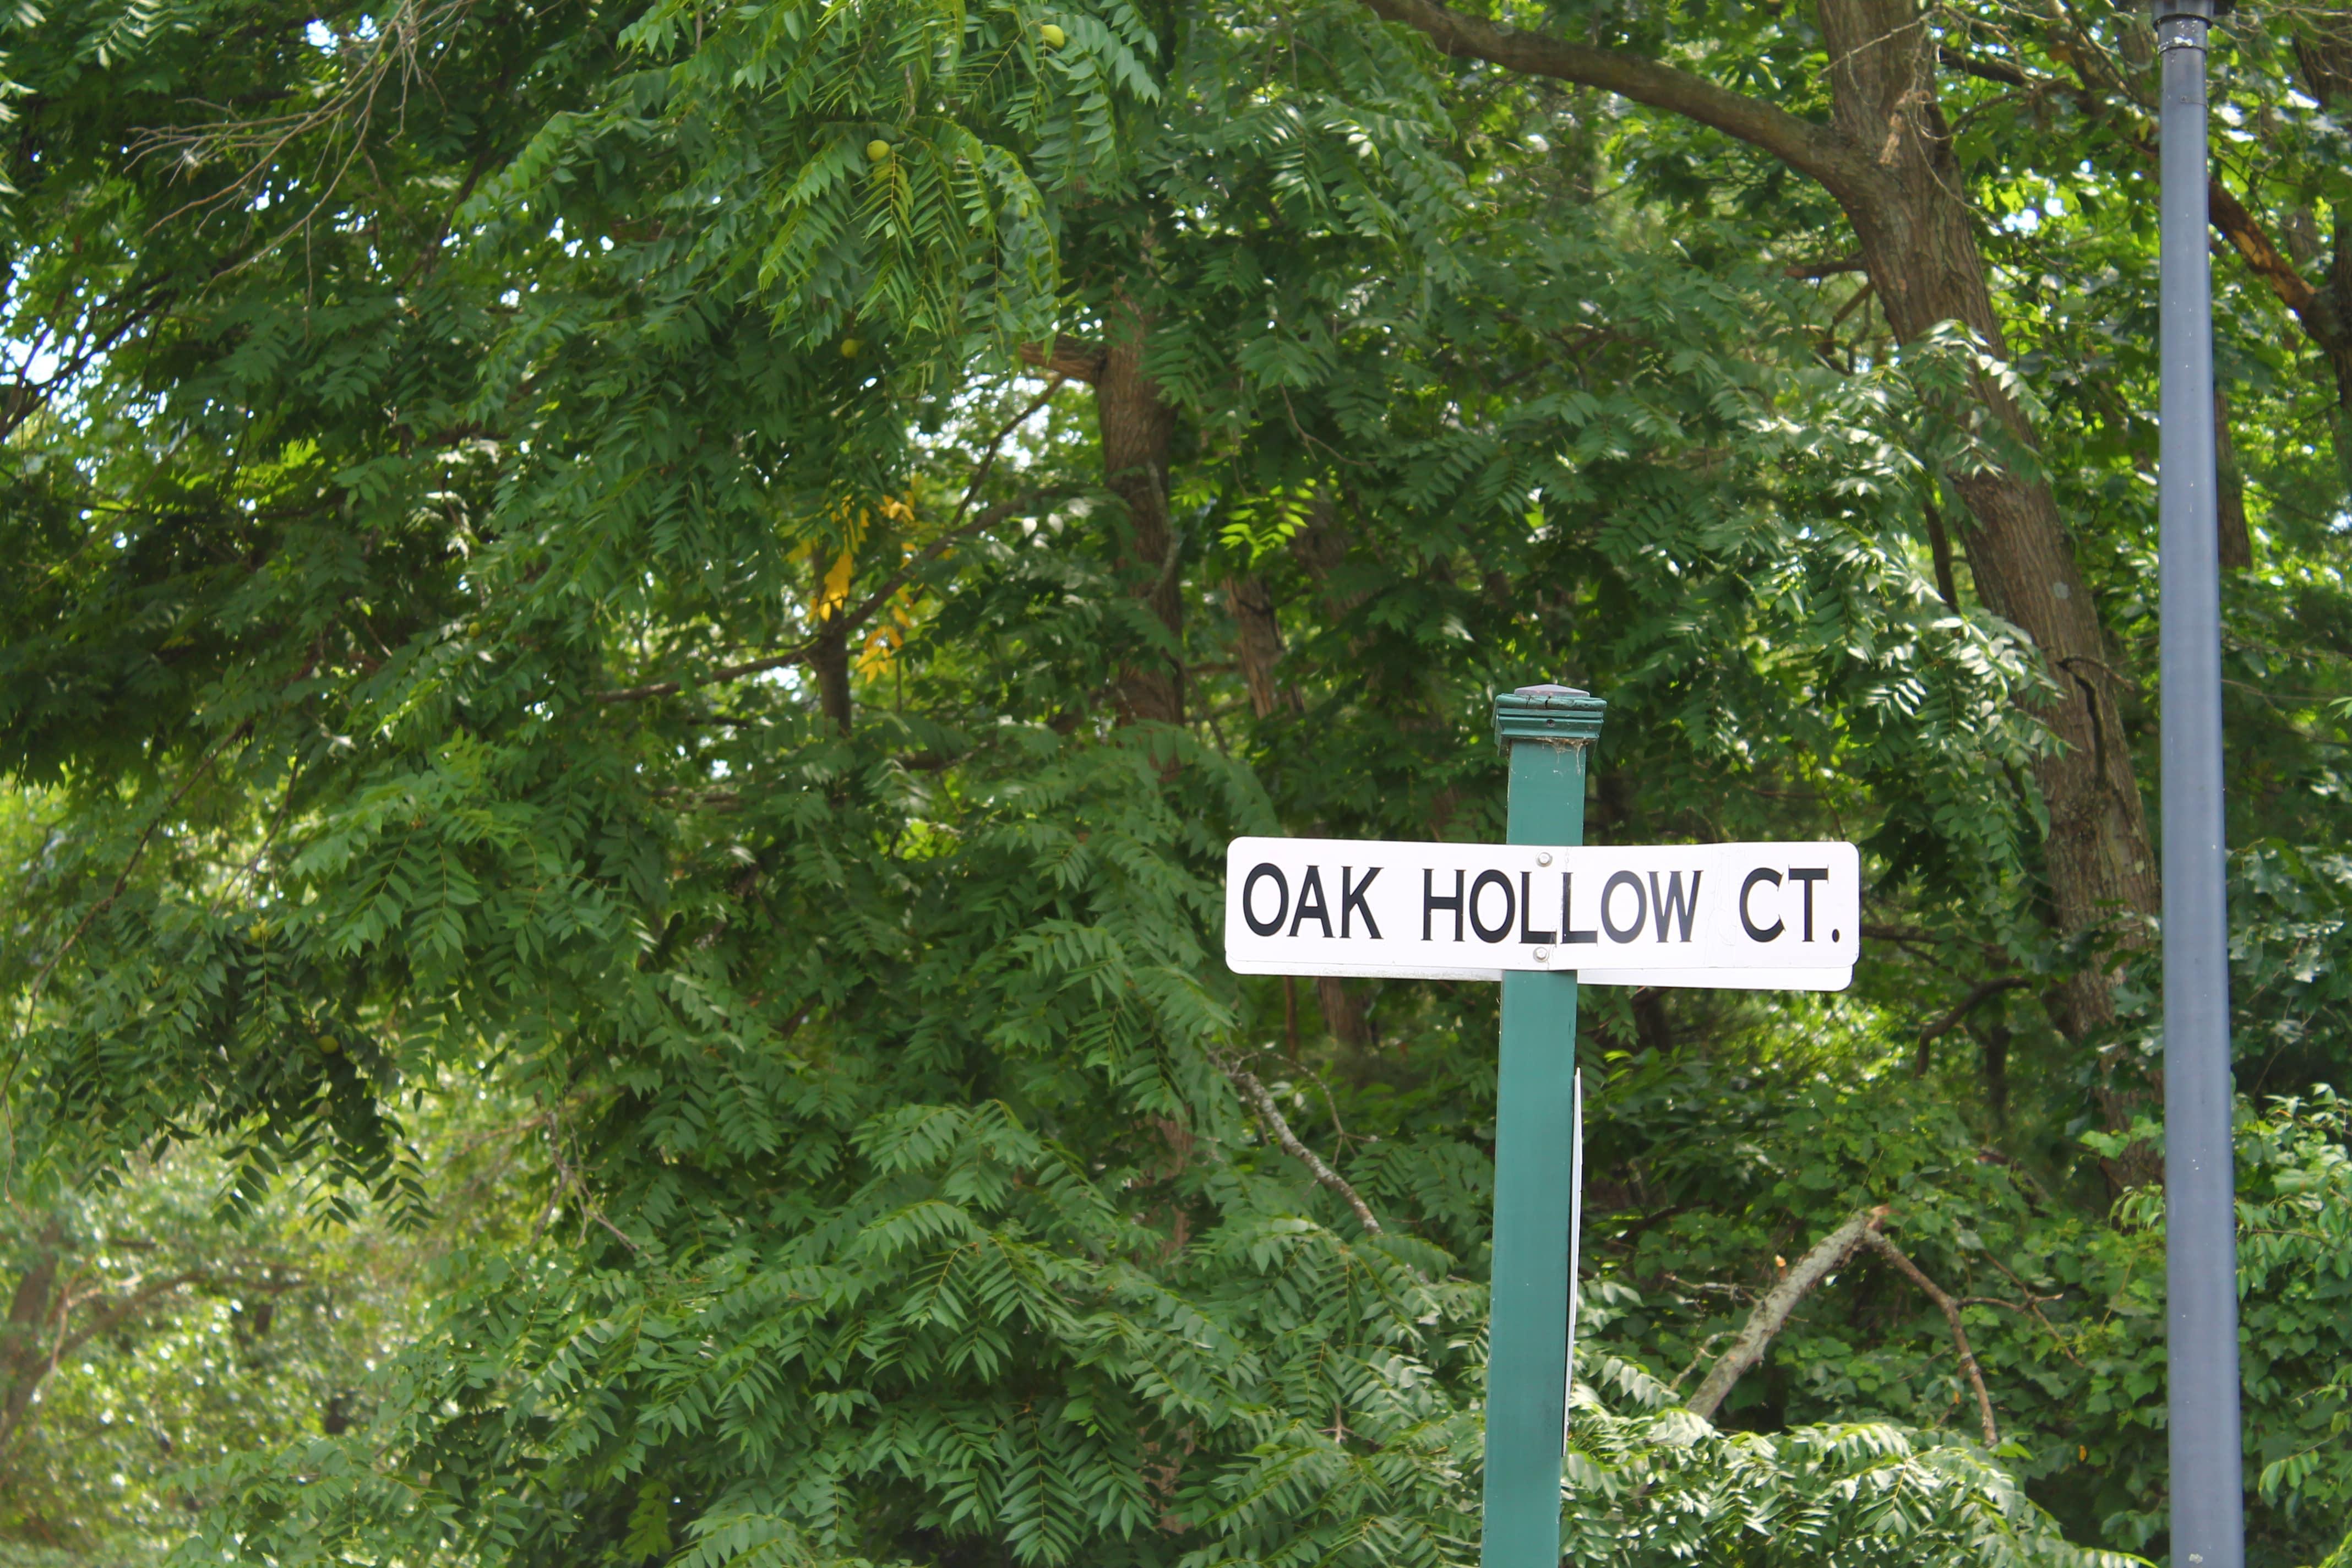 Street Sign just outside Olde Oak